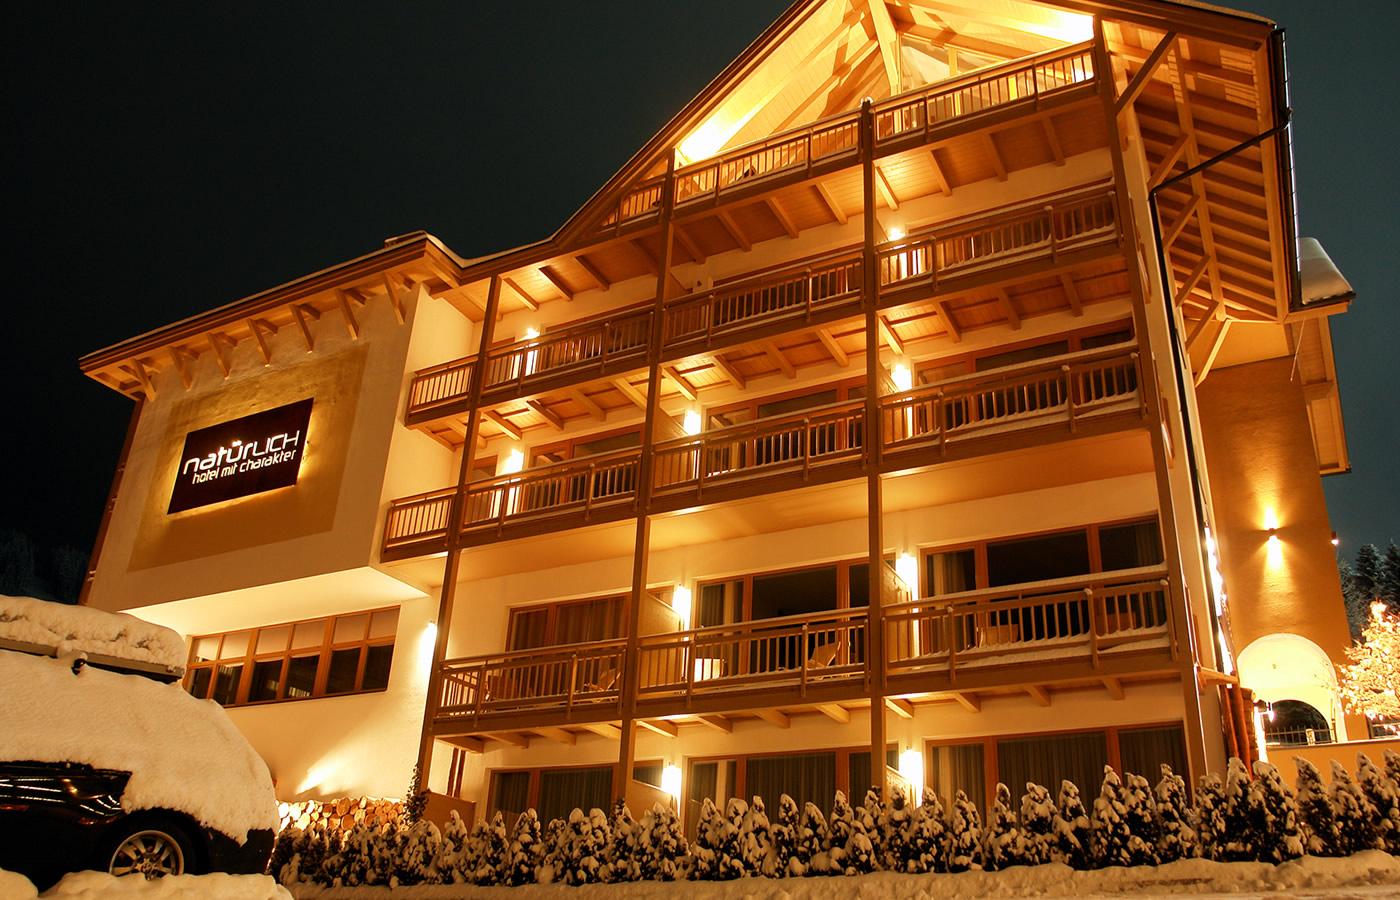 Nacht-Süd-Ansicht des Hotels. Natürlich in Serfaus-Fiss-Ladis.